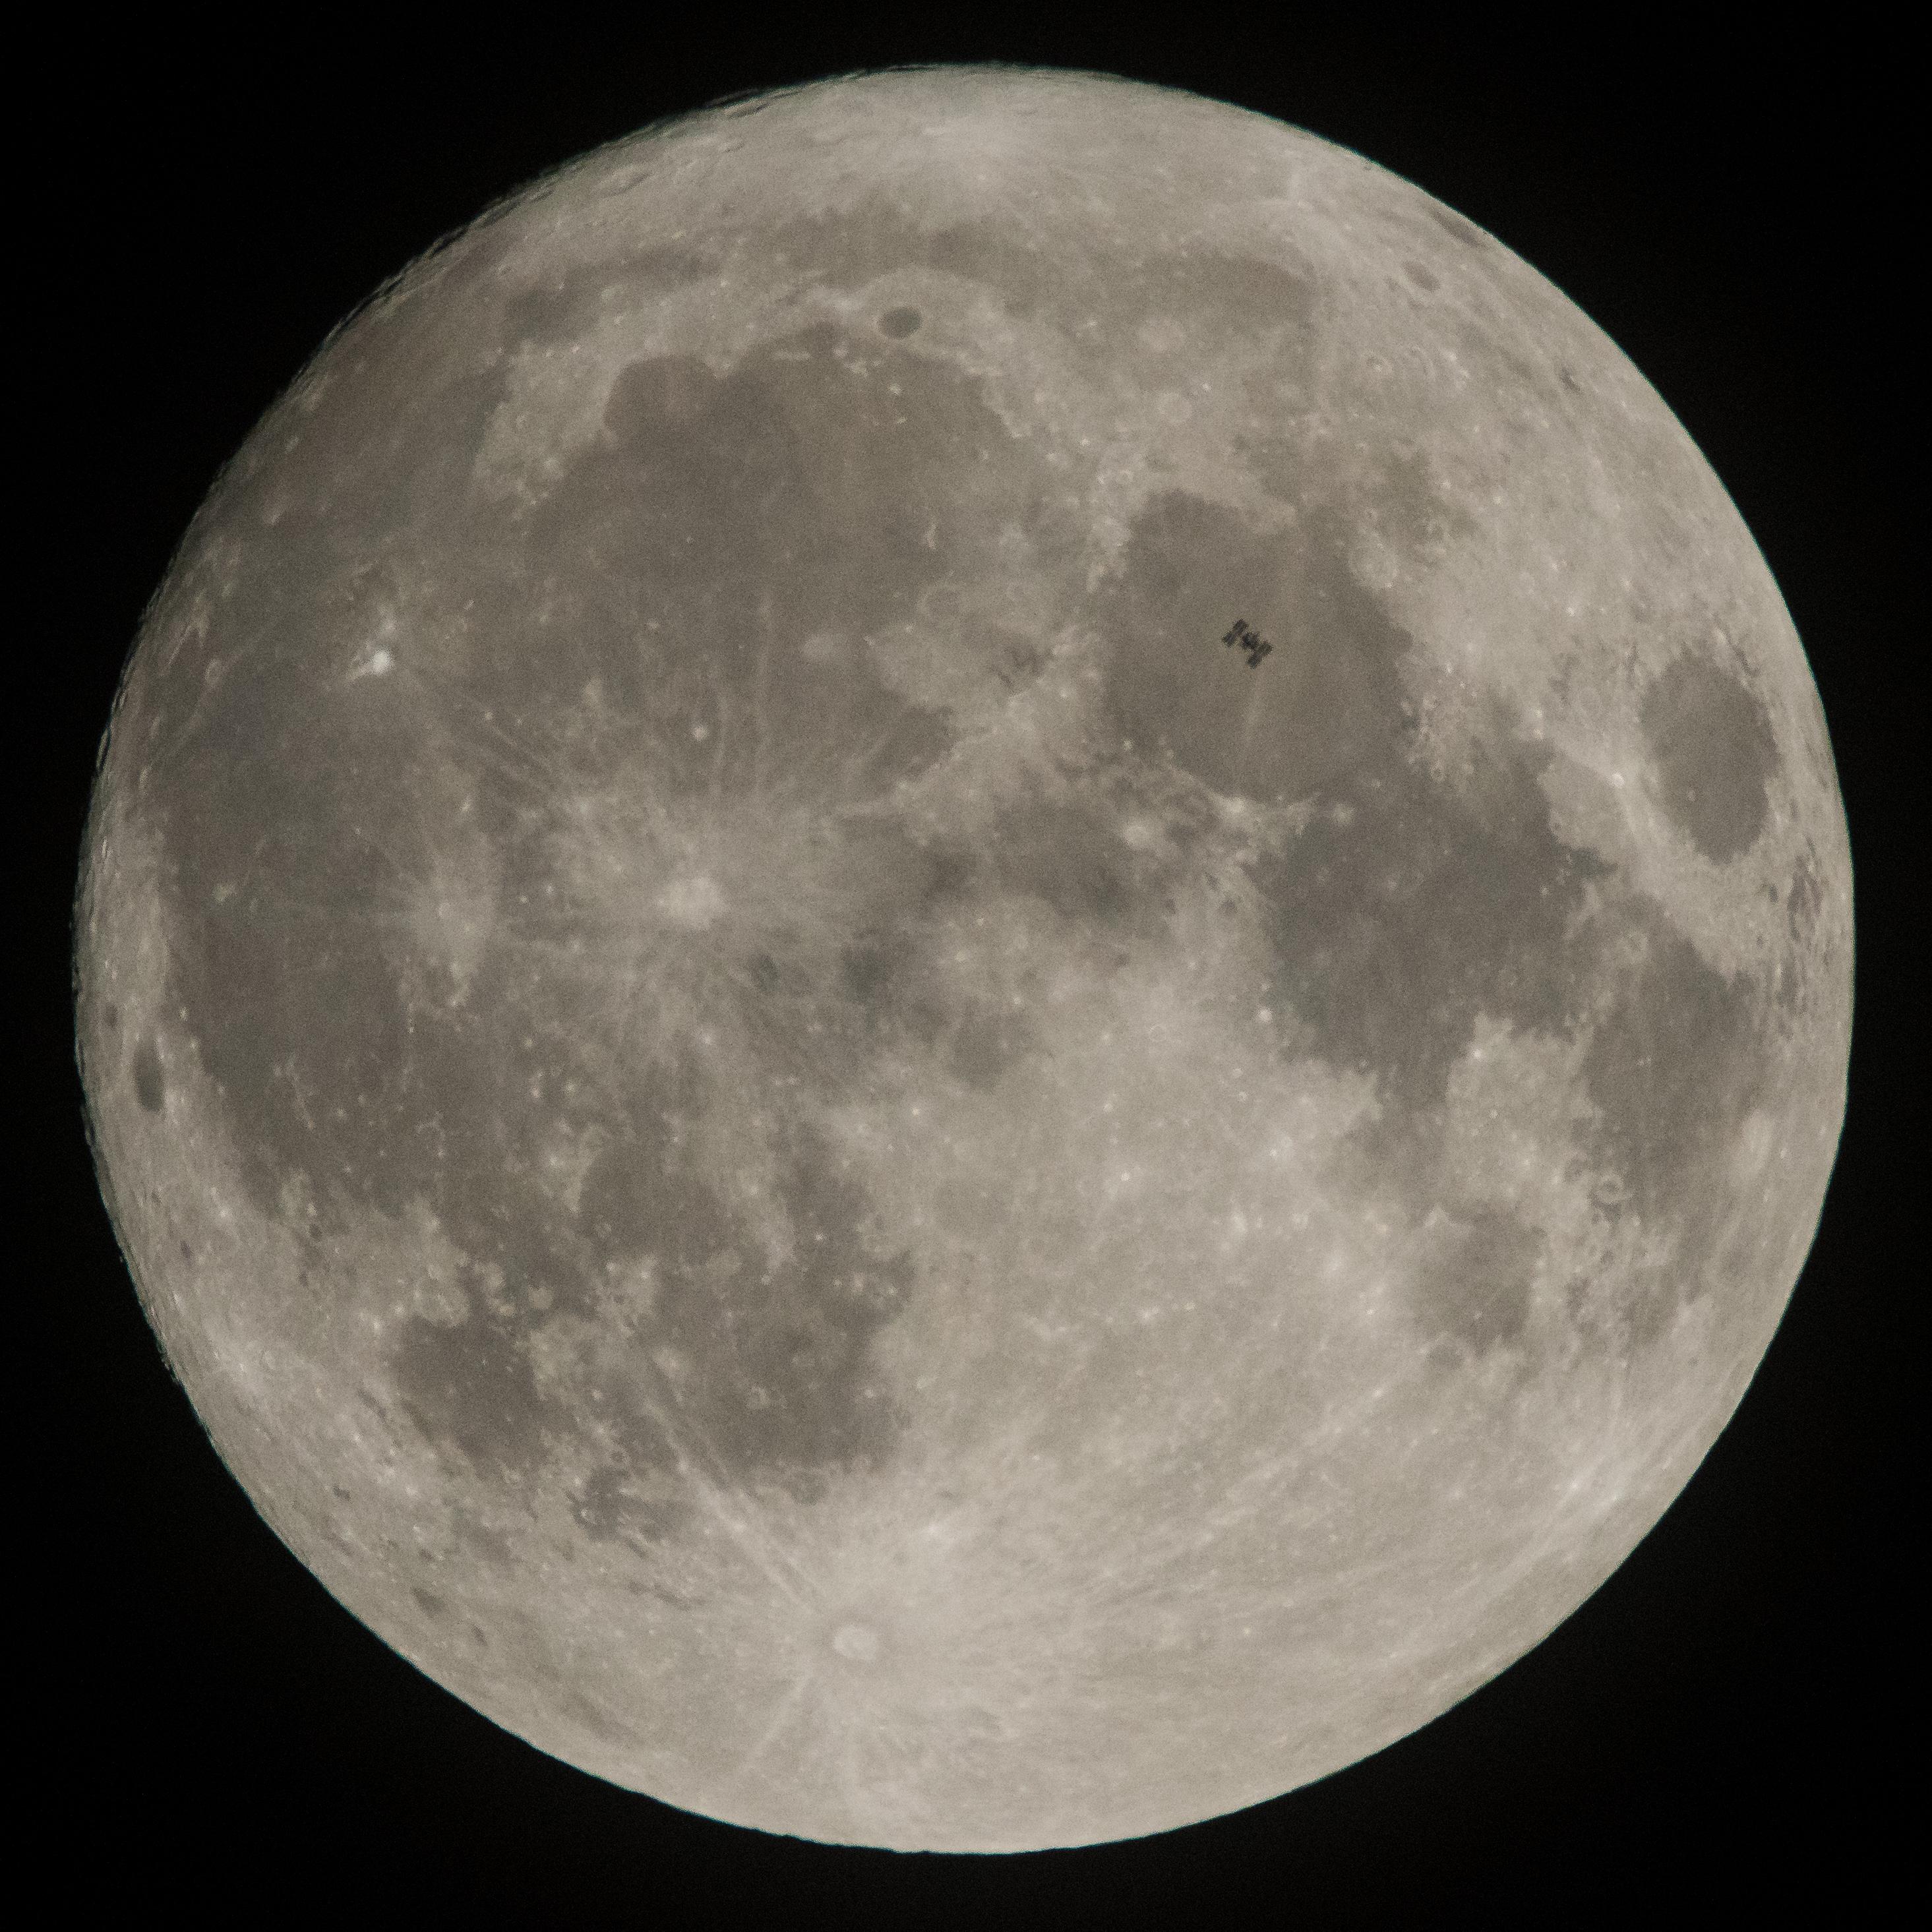 La silueta de la Estación Espacial Internacional se observa mientras transita la luna el 2 de diciembre de 2017. Imagen de NASA.